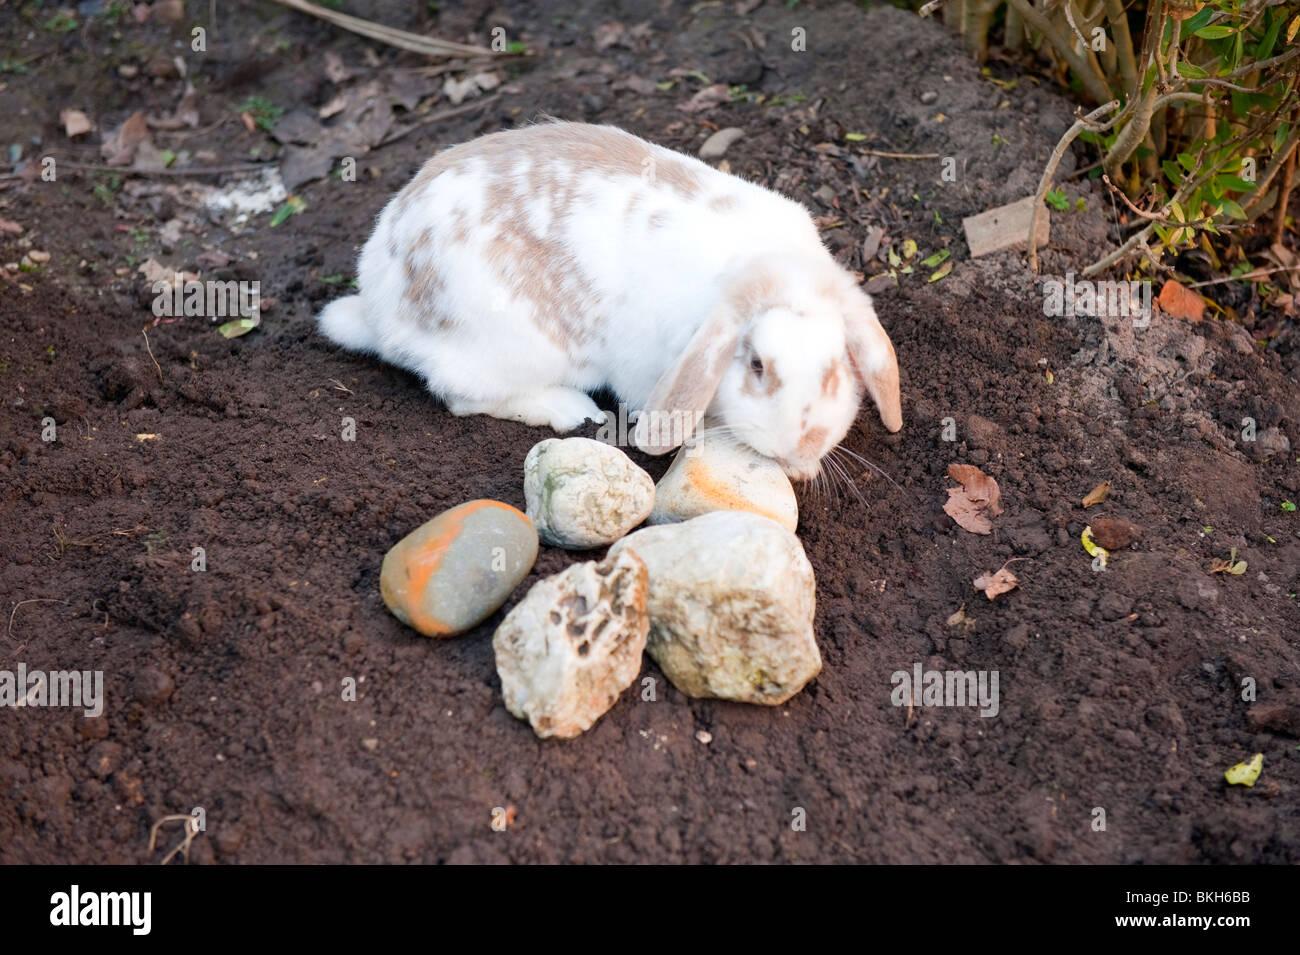 pet funeral stock photos u0026 pet funeral stock images alamy